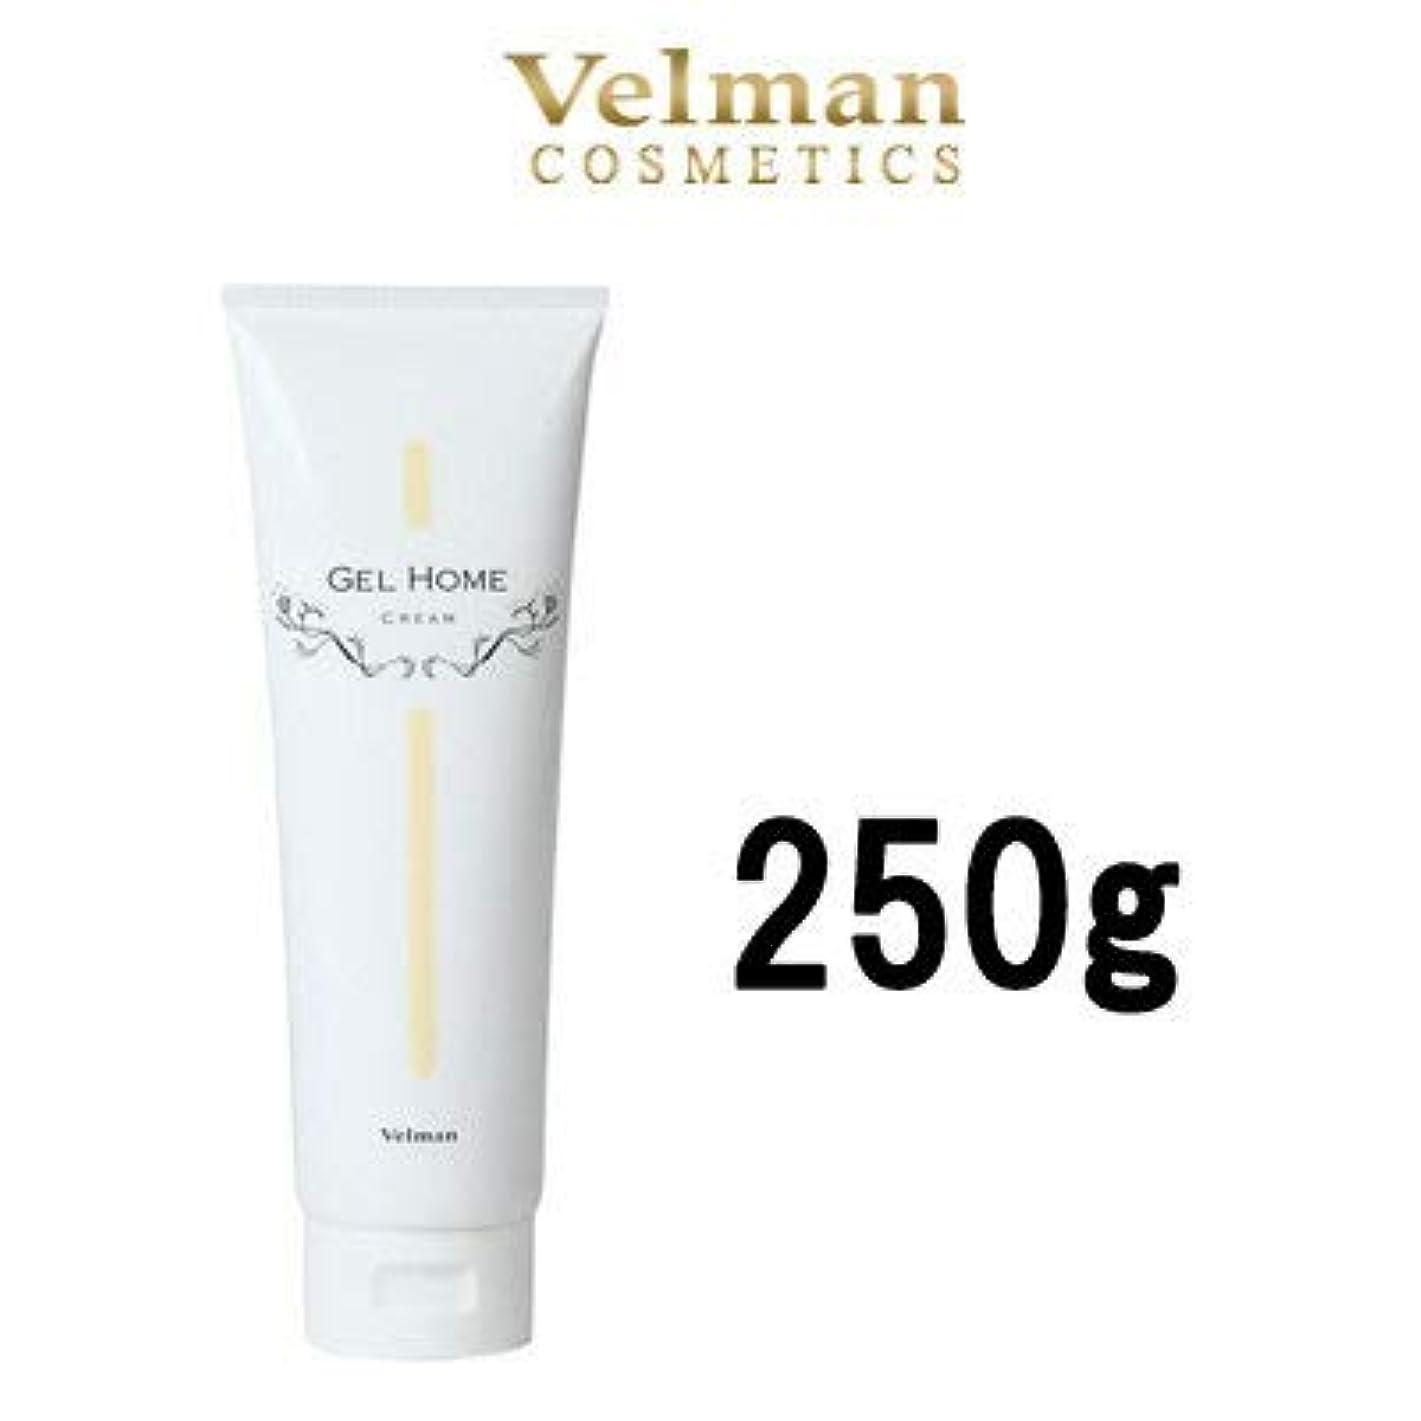 バイパス混沌発症ベルマン ゲルホームクリーム しっとりタイプ 250g